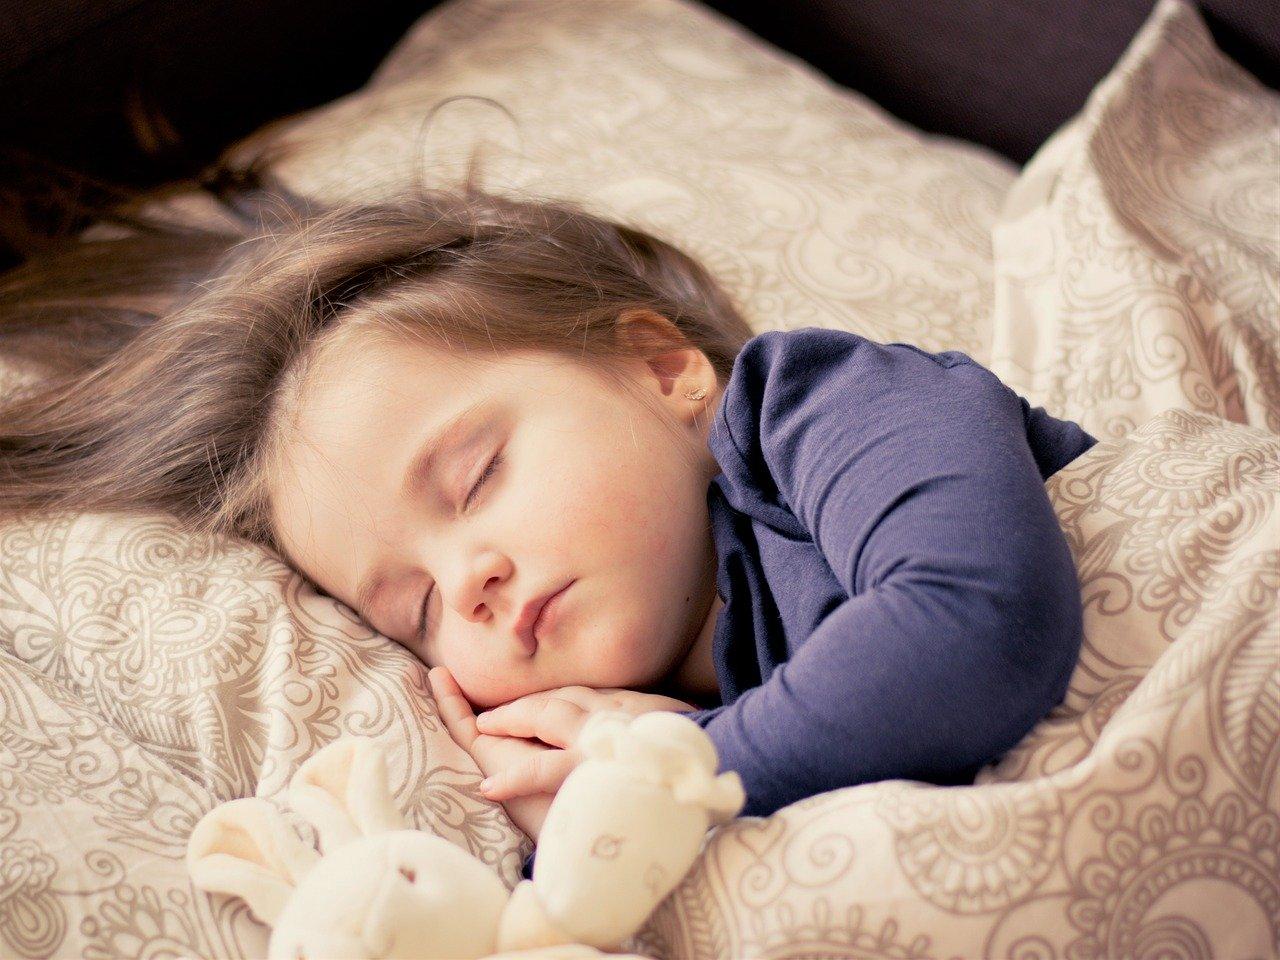 小児の風邪薬は必要か